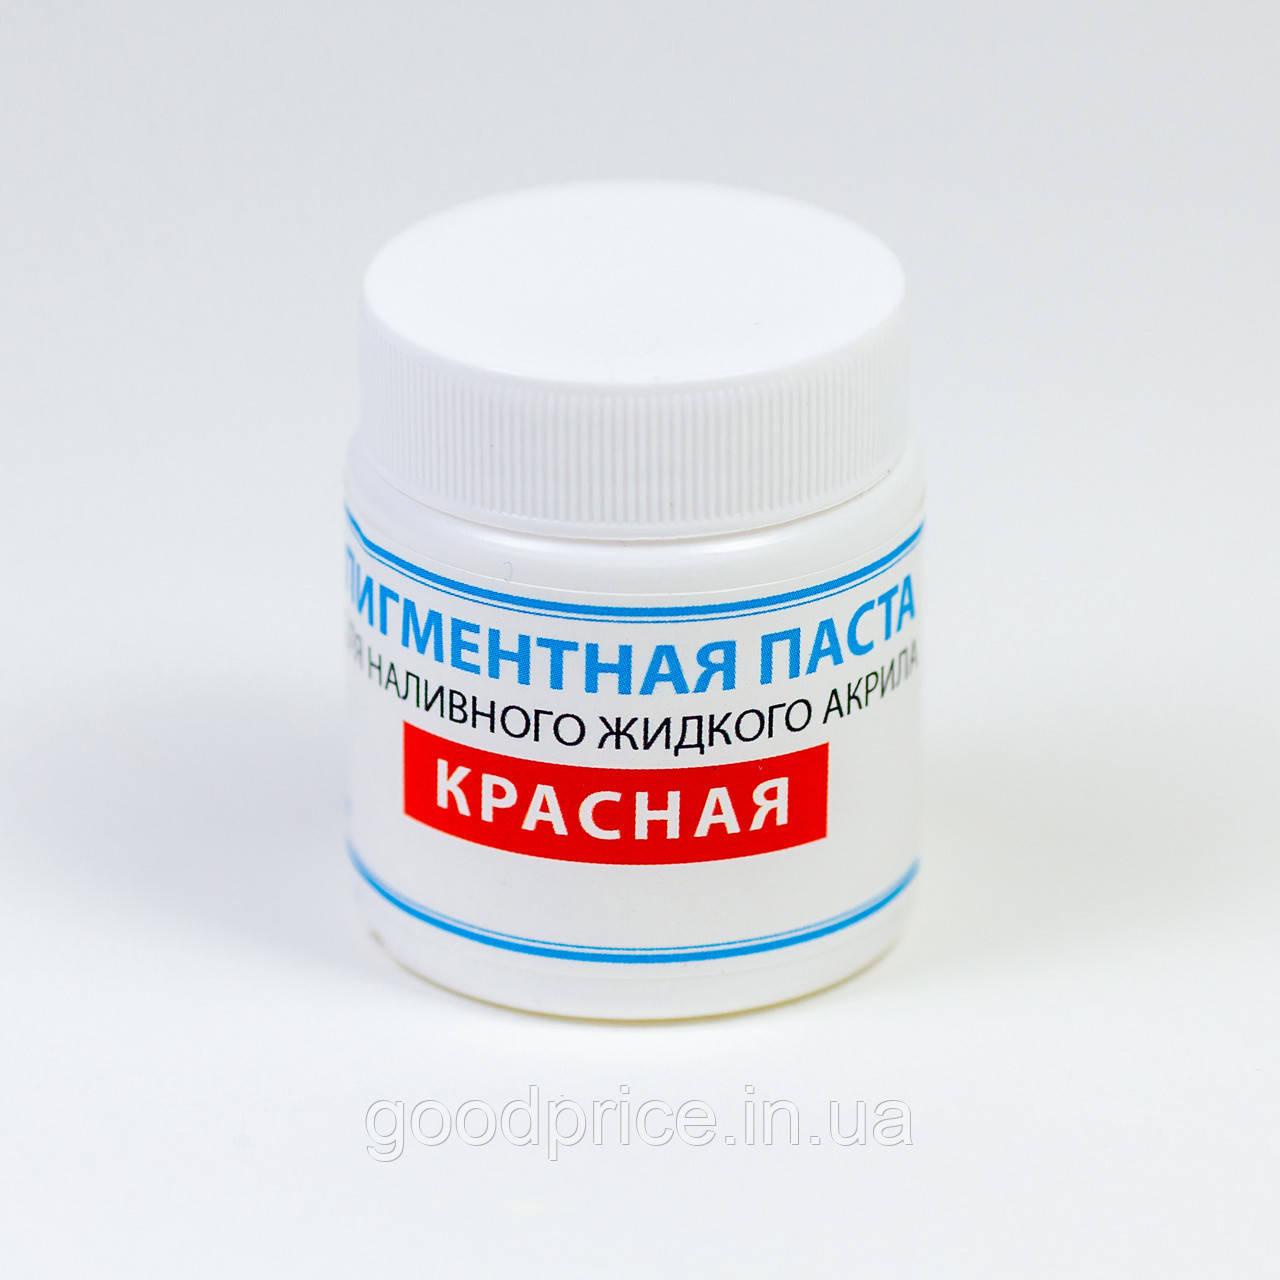 Краситель для жидкого акрила ПРОСТО И ЛЕГКО для реставрации ванн 50 г Красная ванна (5949)